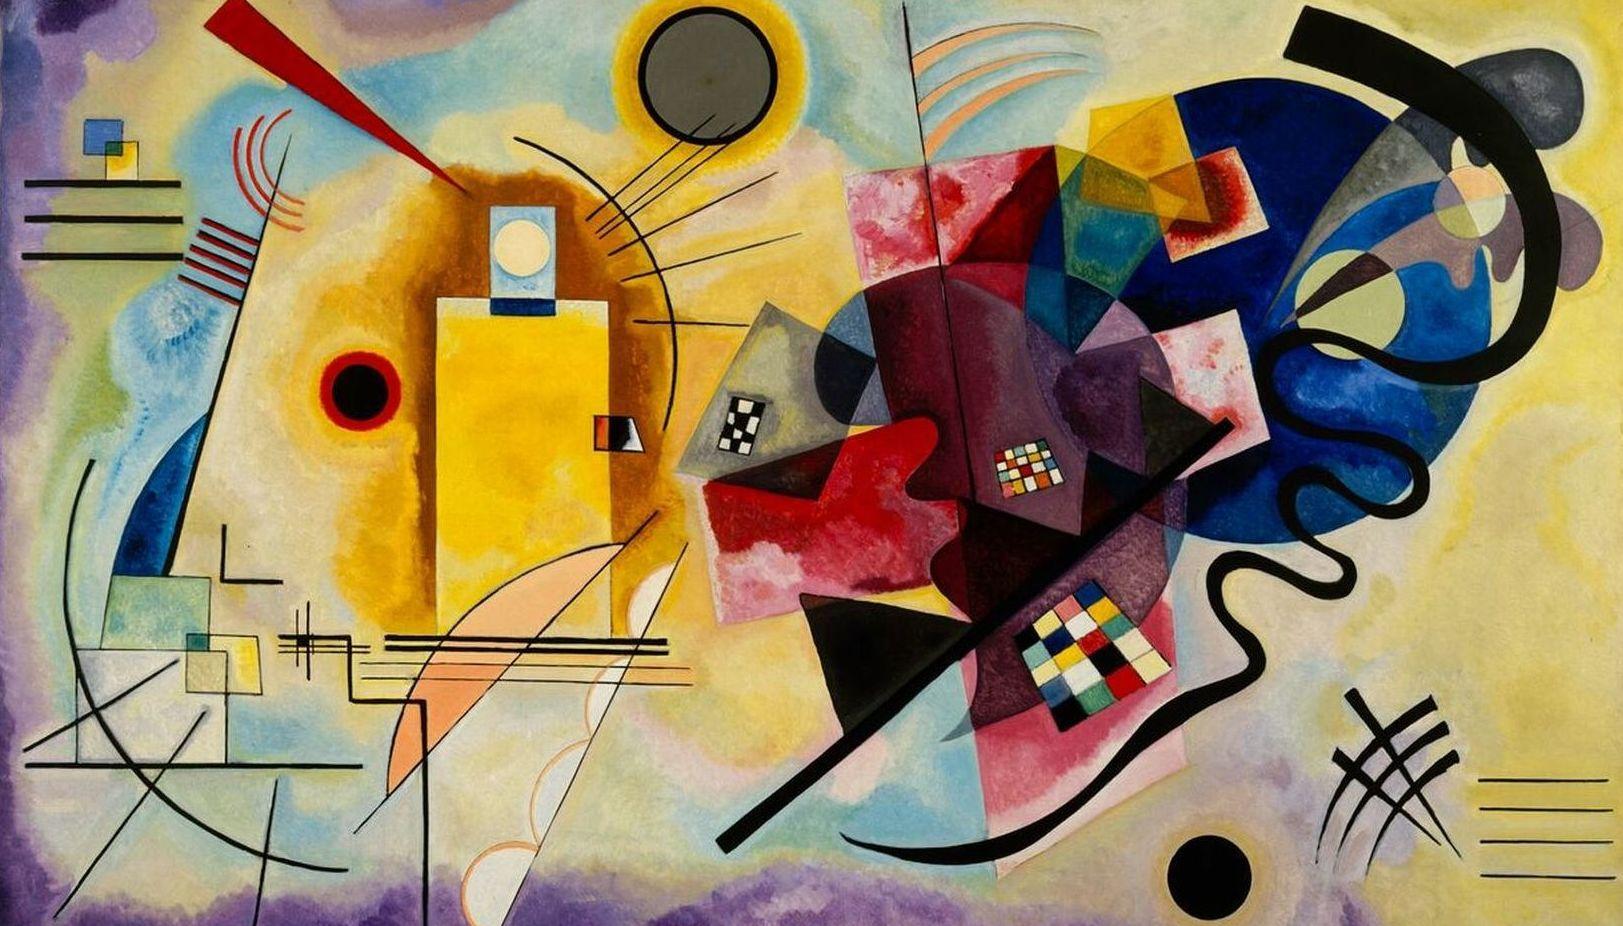 Kandinsky. Amarillo, Rojo, Azul.(HOR): CATALOGO de Quadrocomio La Casa de los Cuadros desde 1968